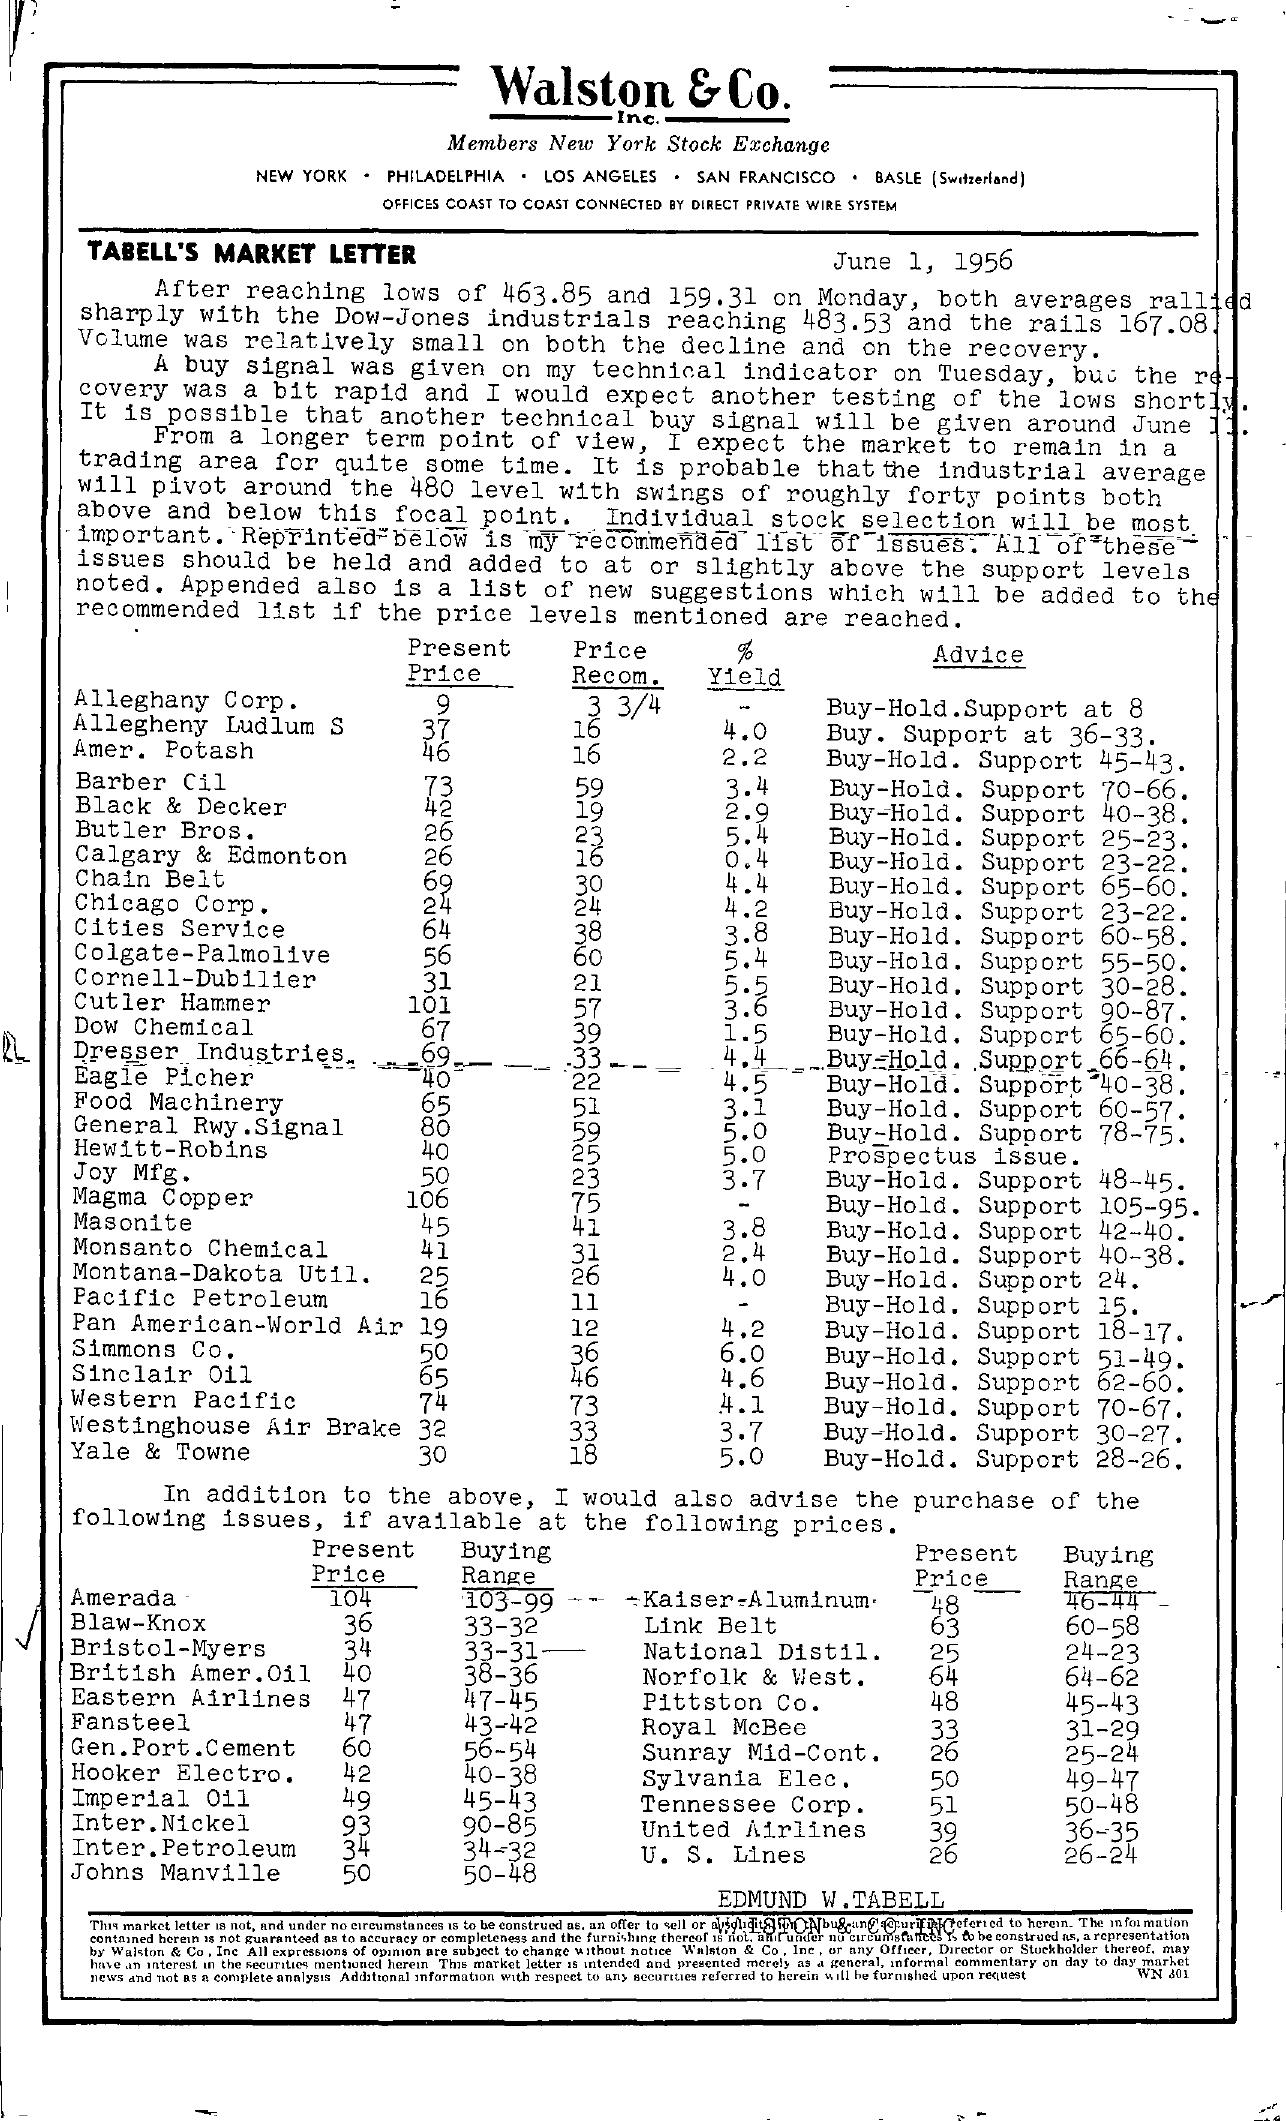 Tabell's Market Letter - June 01, 1956